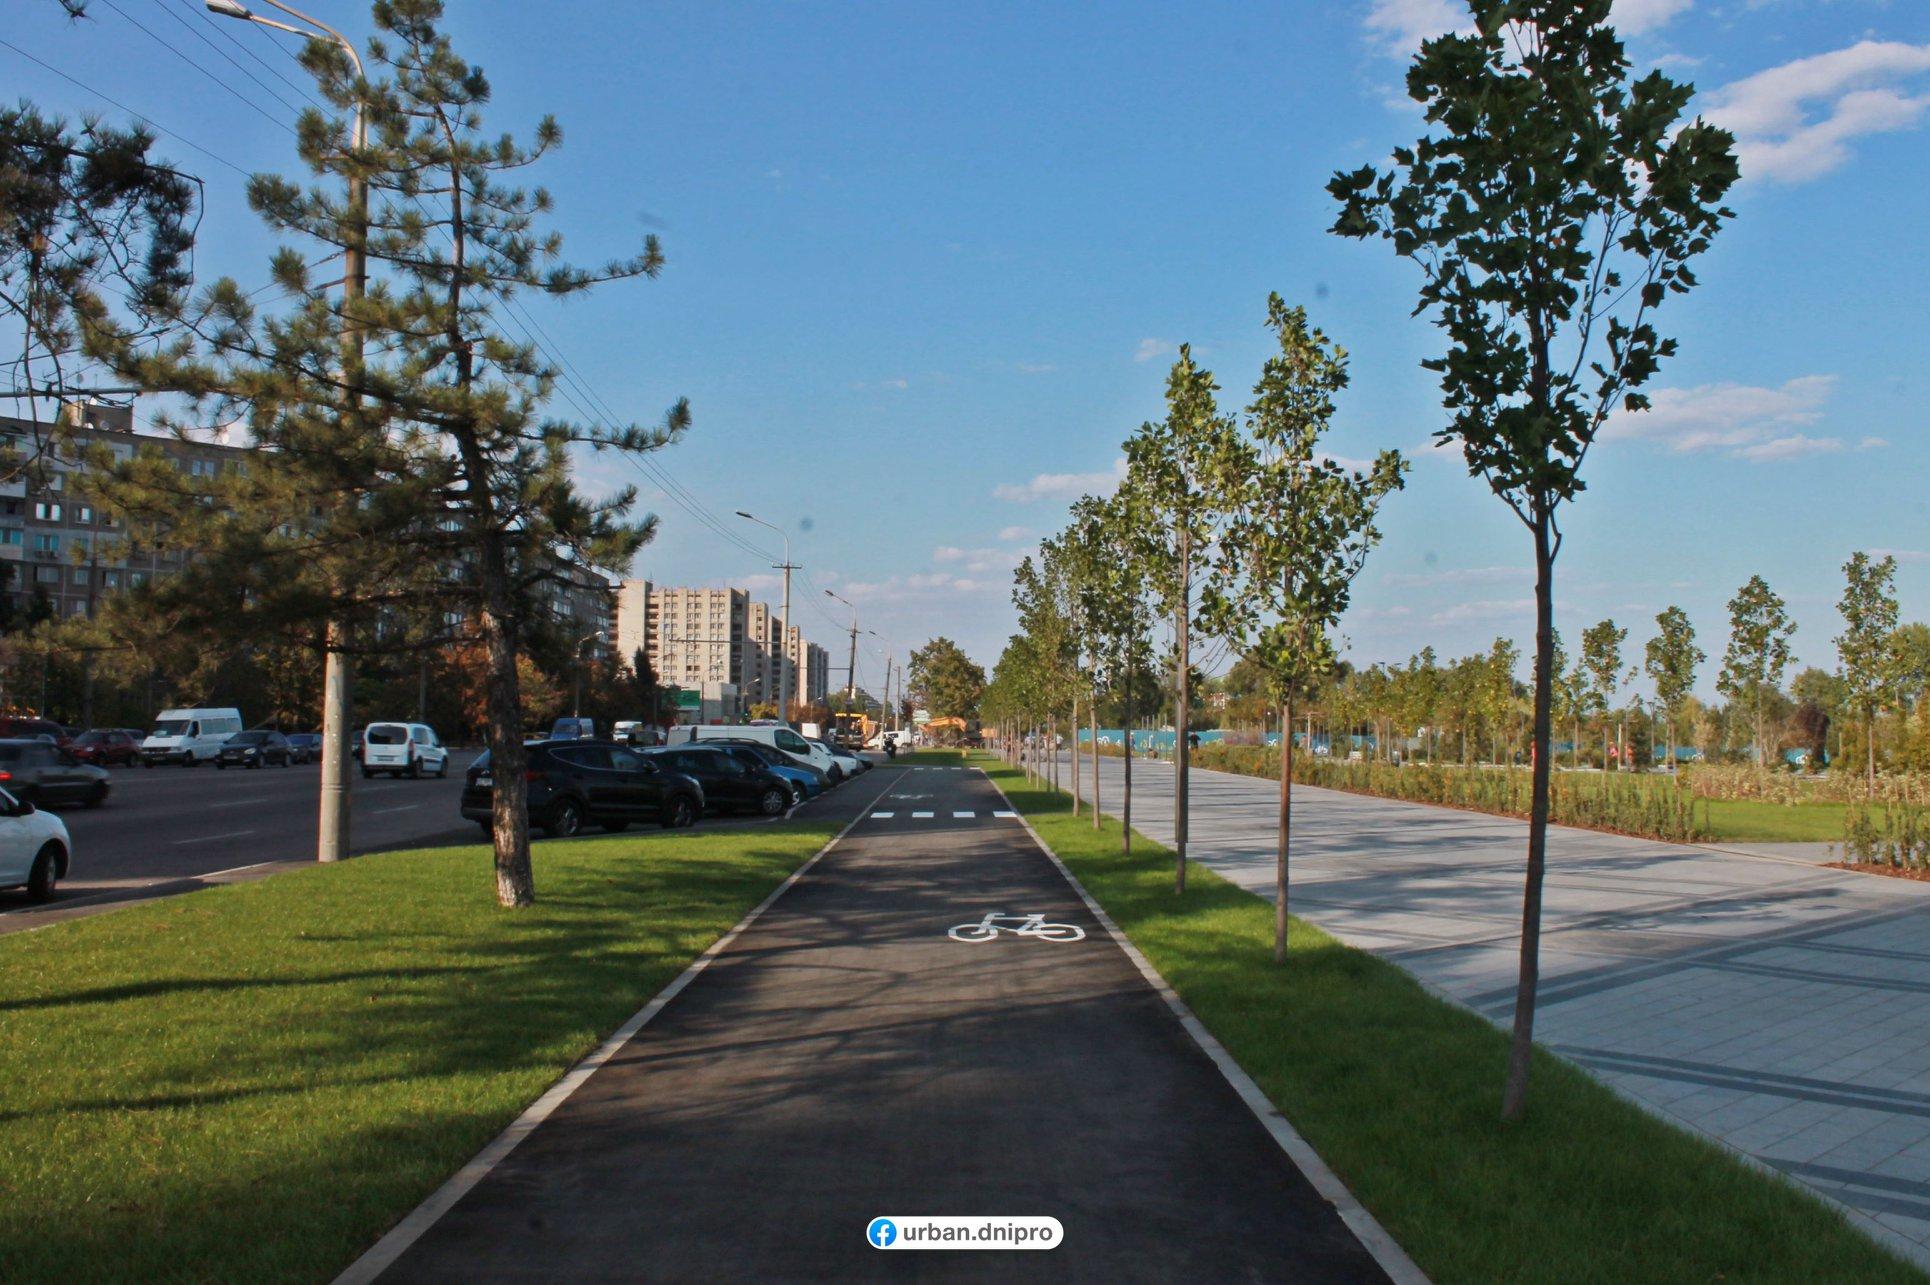 Все для комфорта: в Днепре обустроили велодорожки и пешеходные зоны. Новости Днепра